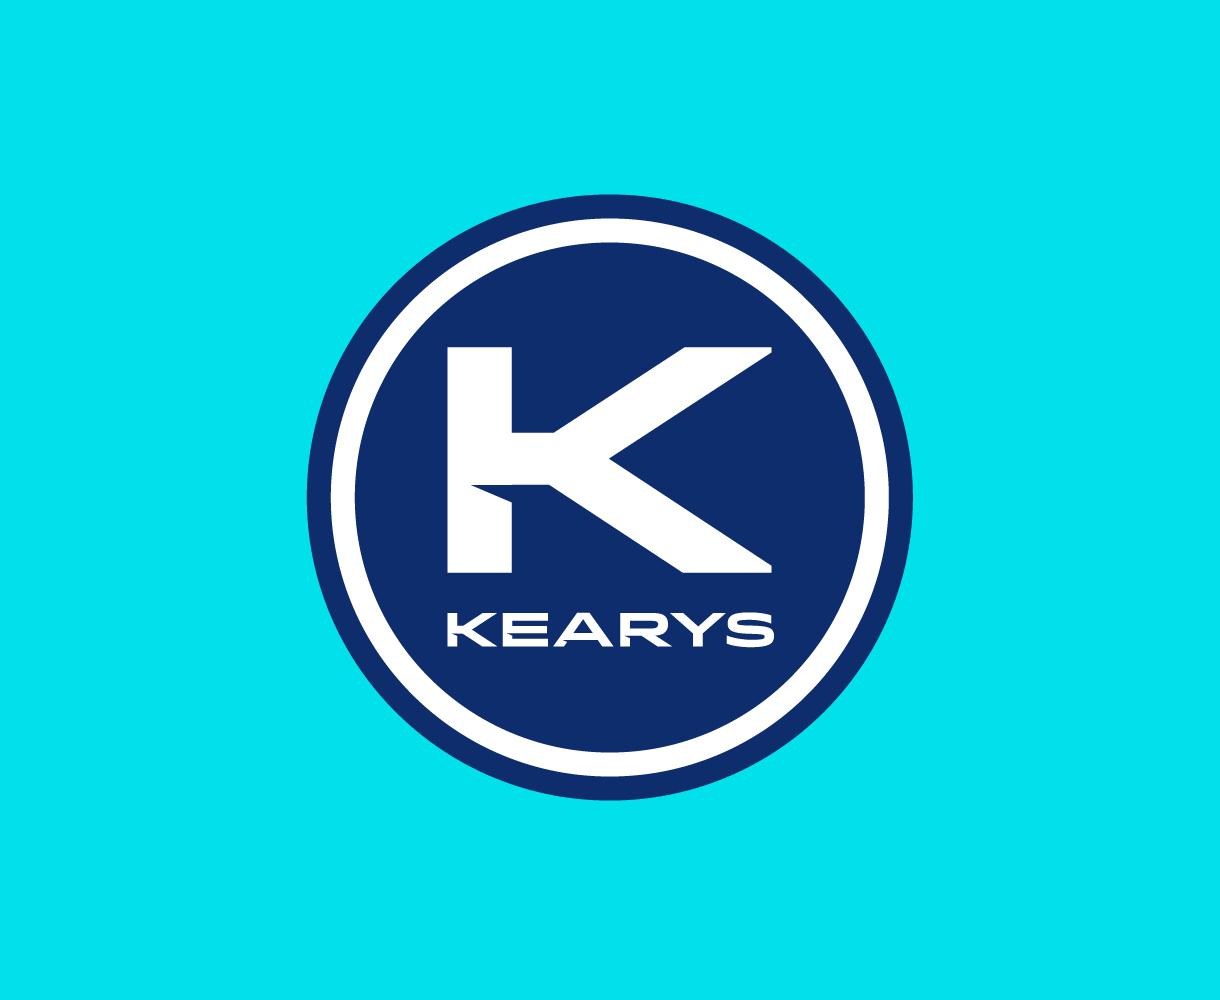 Kearys-Combined-logo